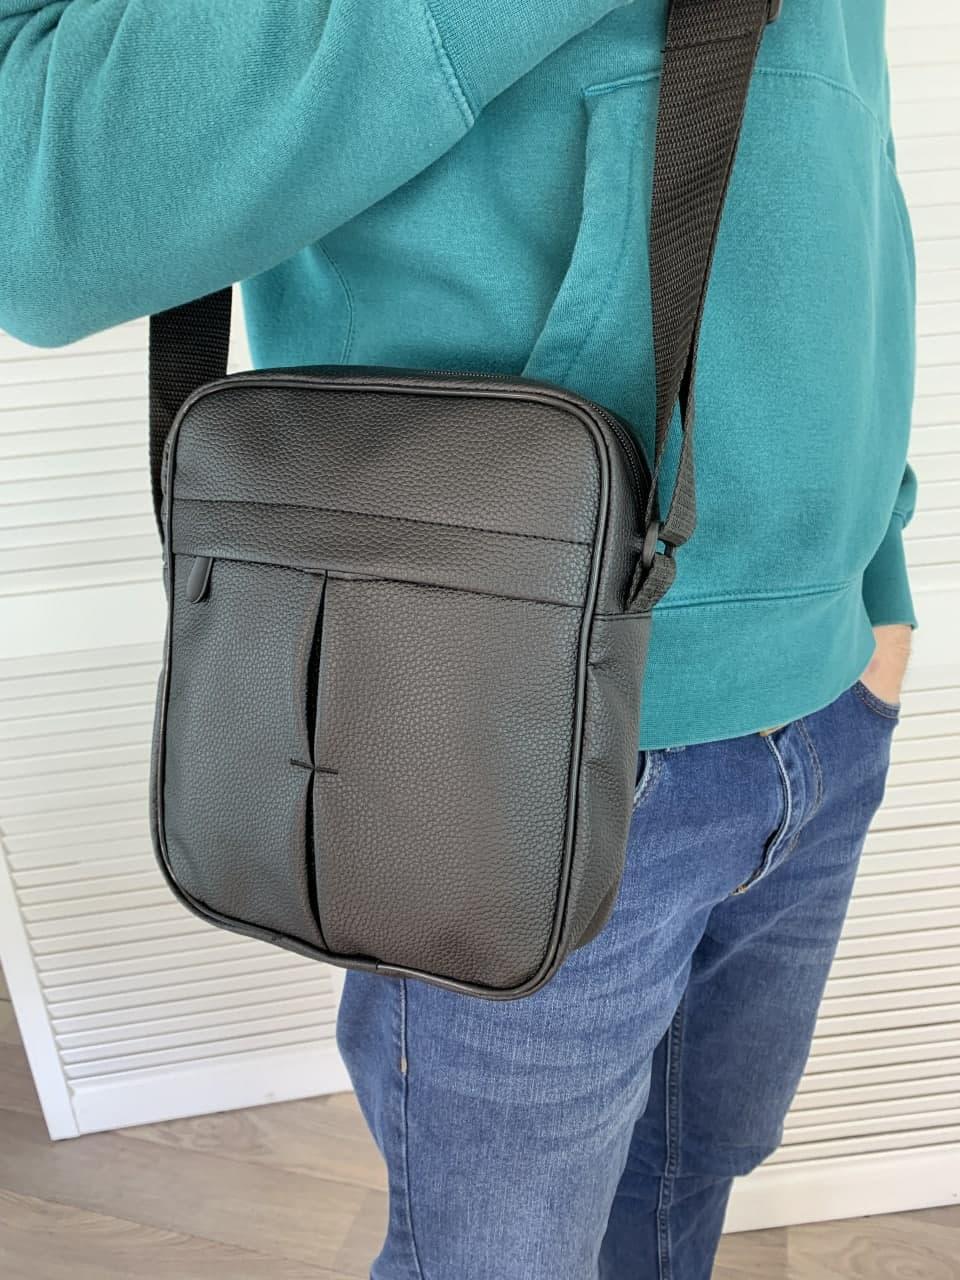 Чоловіча сумка через плече чорна, барсетка стильна, зручна сумка - месенджер